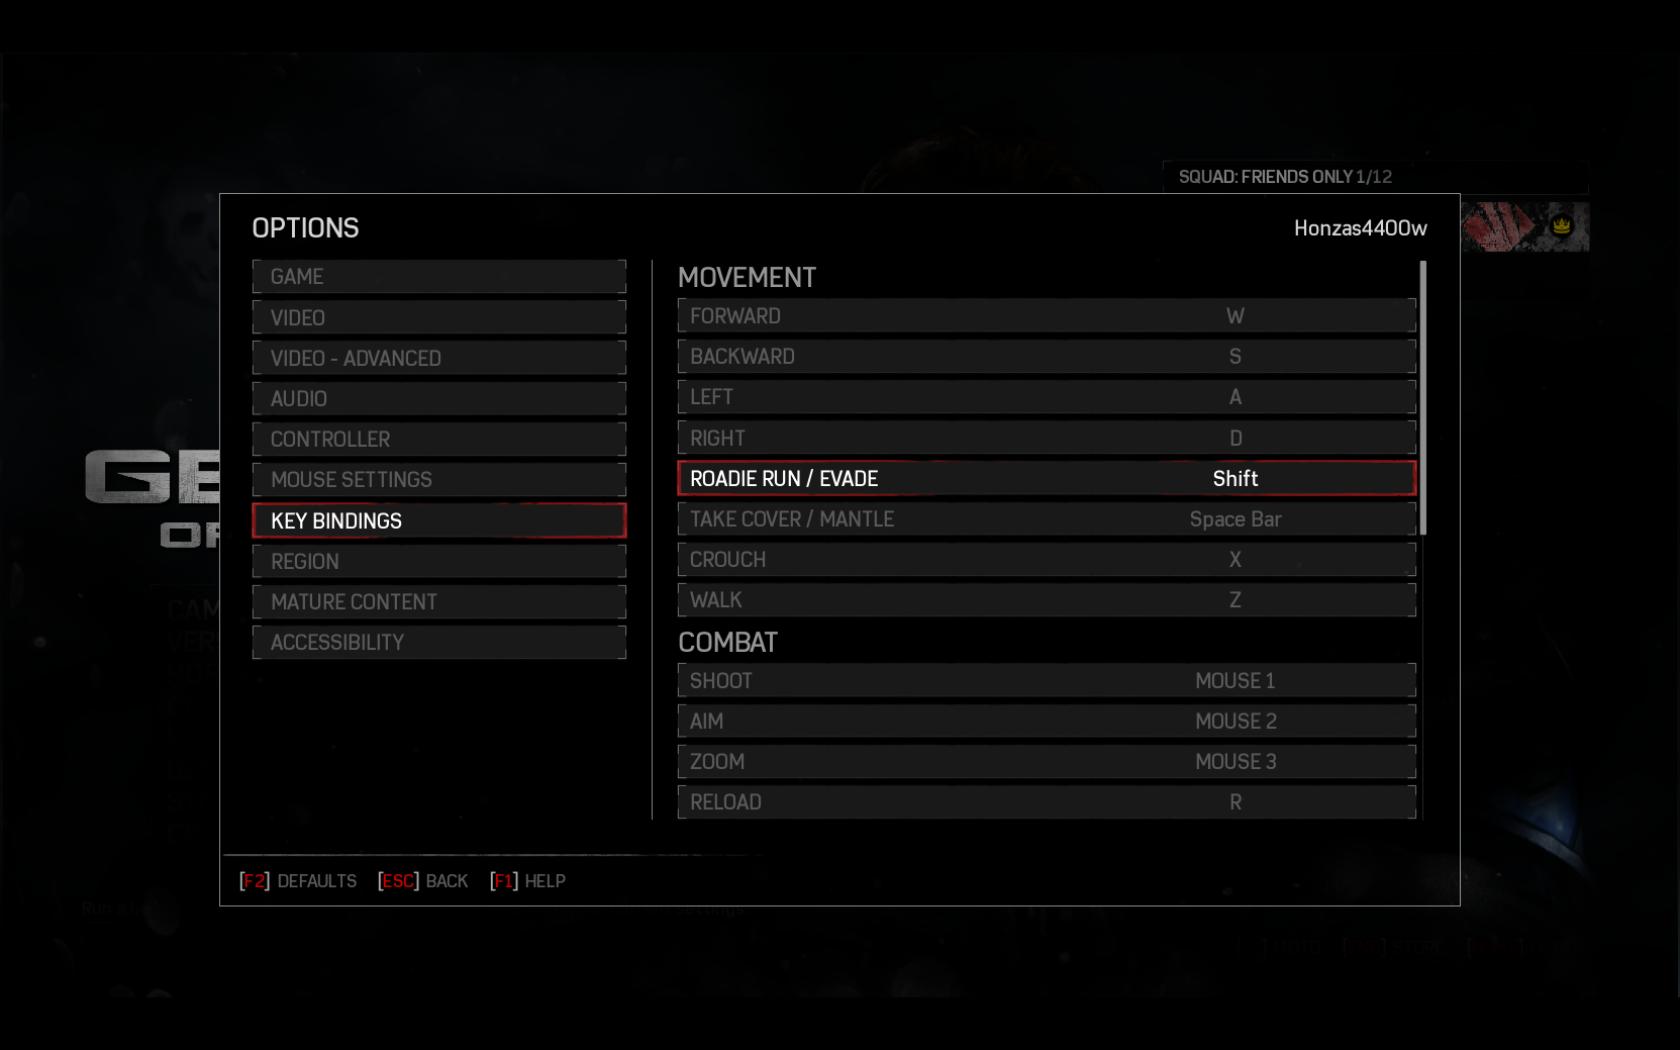 PC verze Gears of War 4 si zaslouží velkou pochvalu 131666